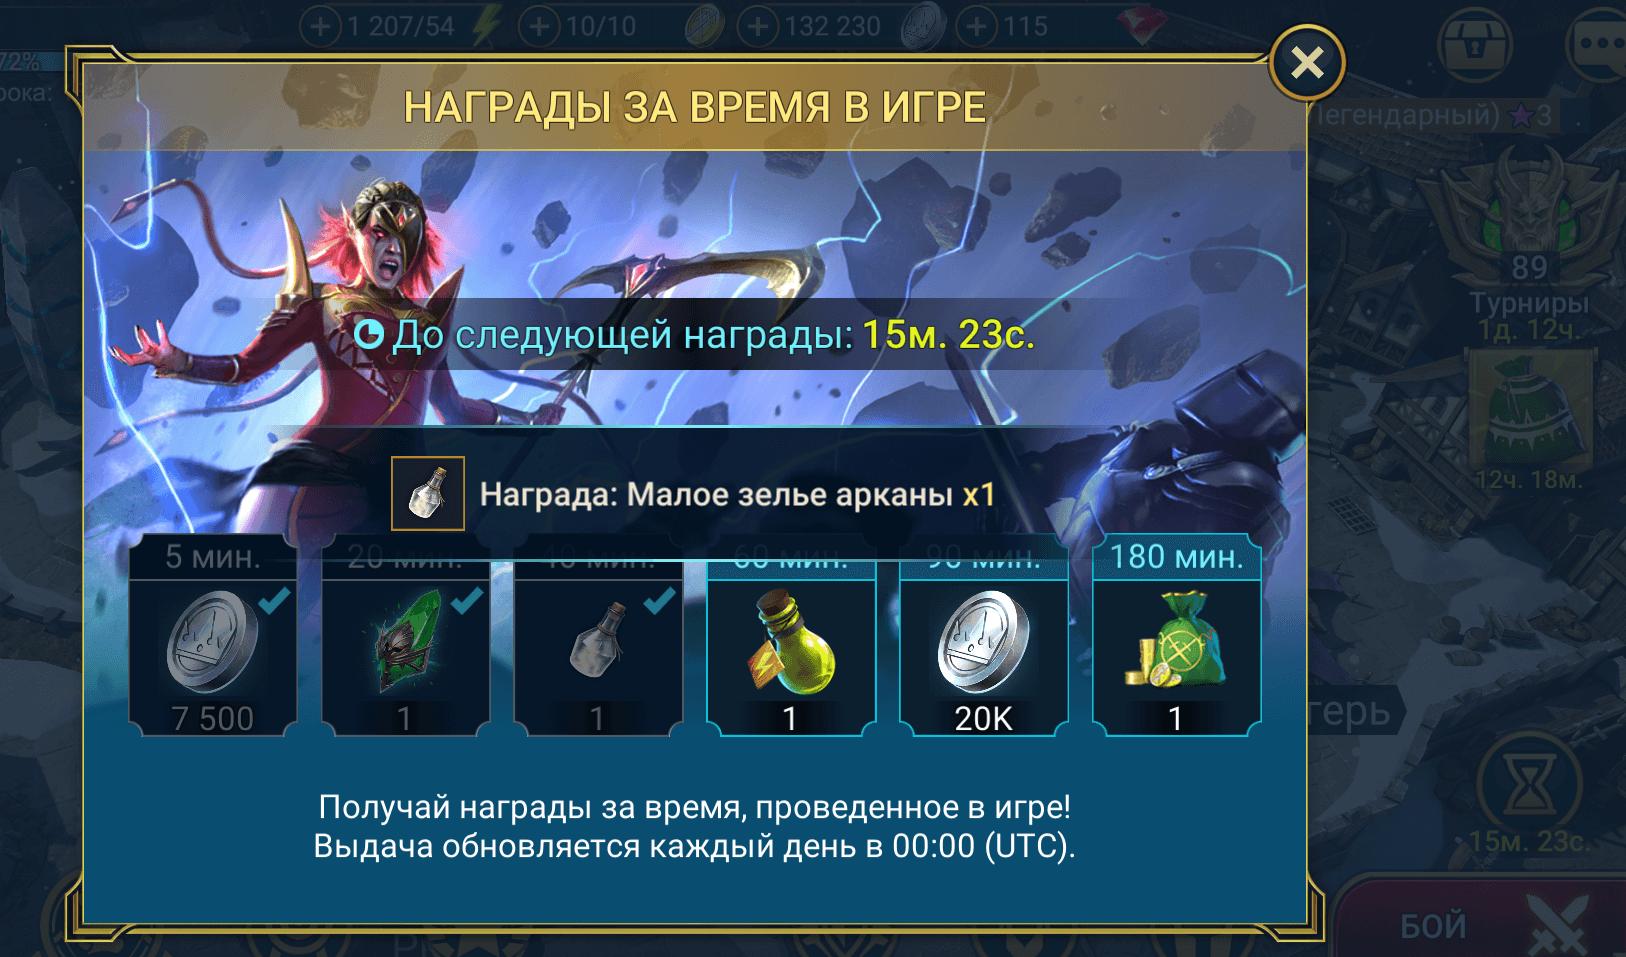 Подарки за время в игре